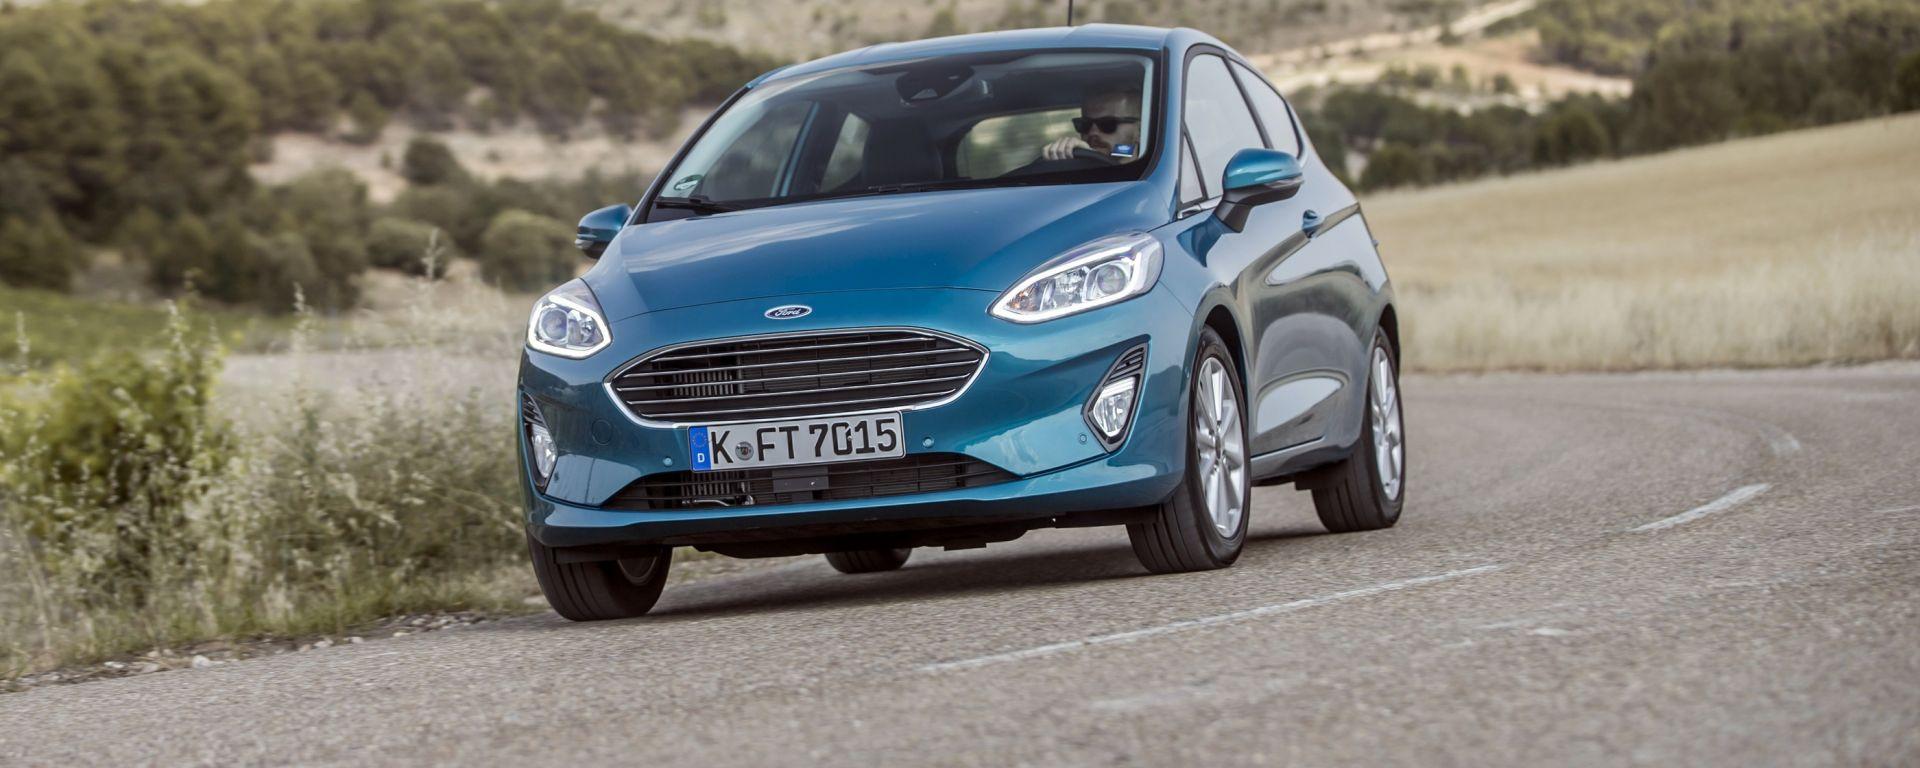 Troppa domanda: Ford aumenta la produzione di Fiesta